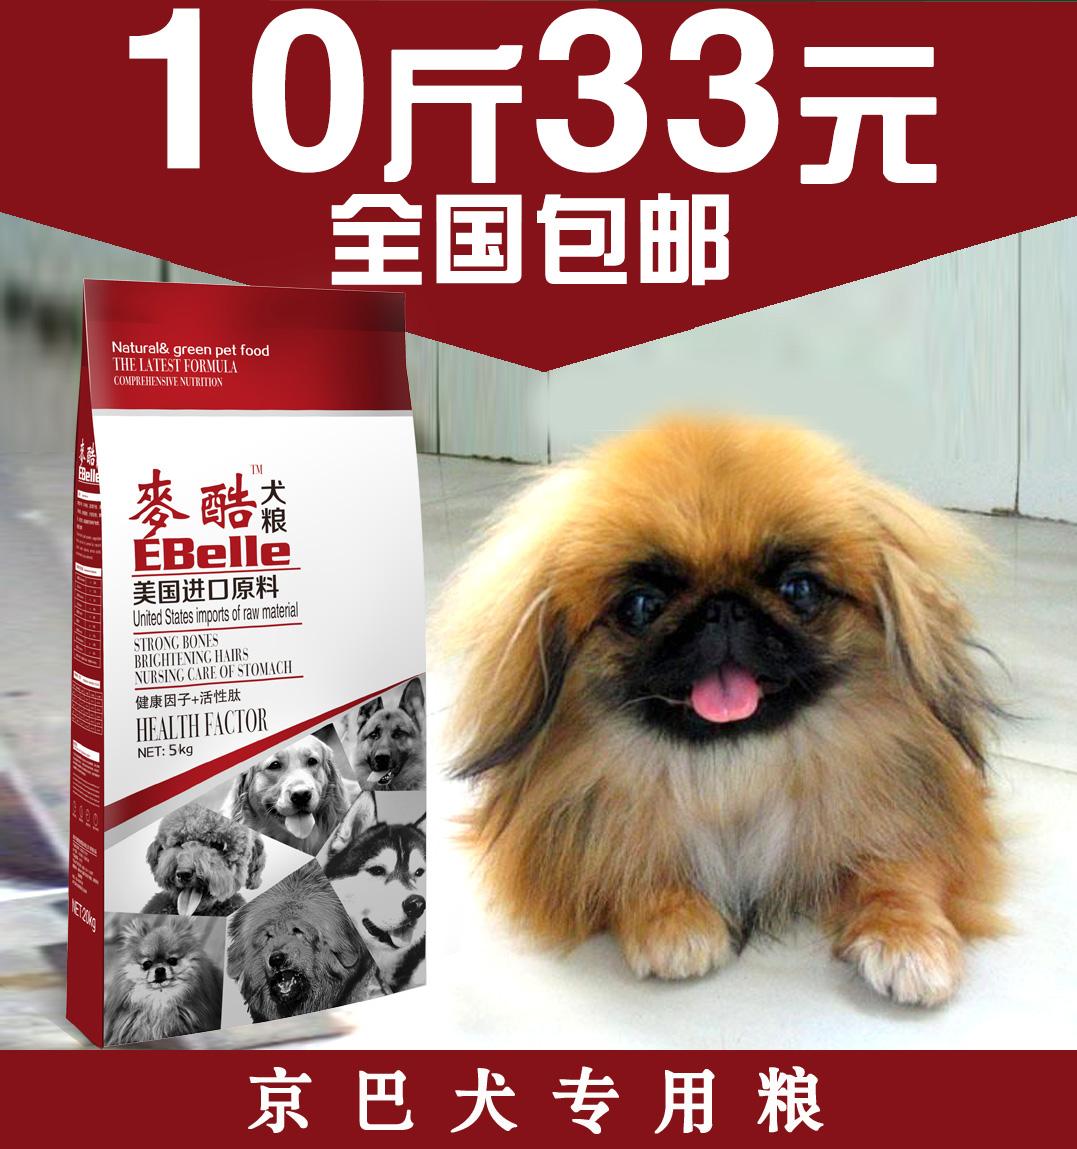 Chó Bắc kinh chó món ăn đặc sản 5kg10 kg Adult Chó Thực phẩm nuôi con chó con chó tự nhiên mặt hàng chủ lực thực phẩm tử quốc gia